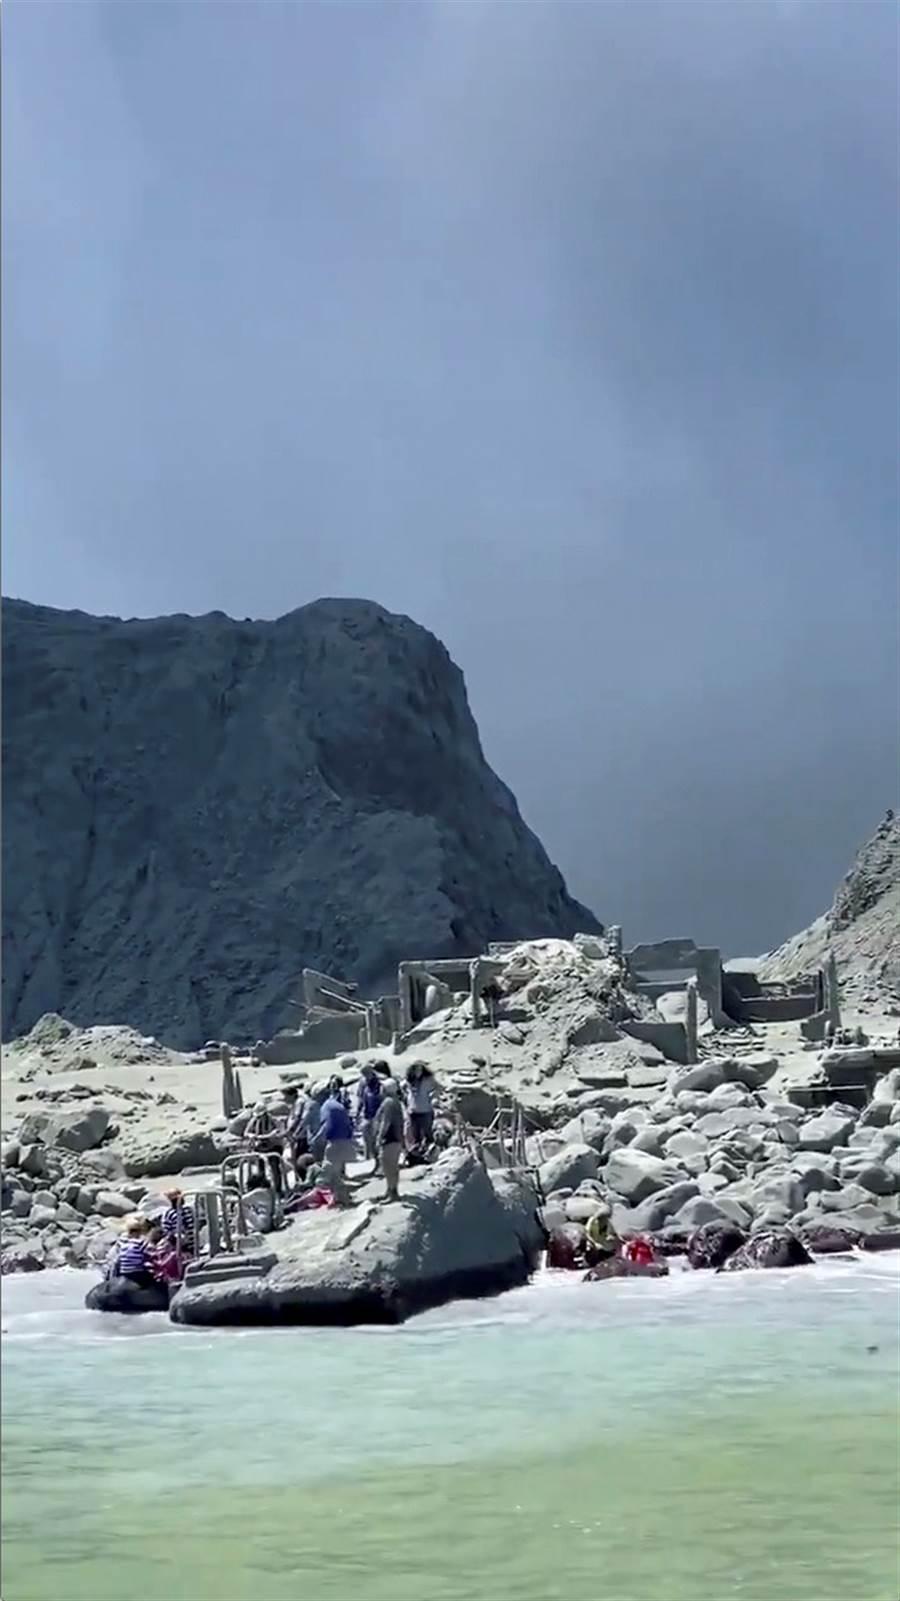 紐西蘭懷特島9日火山爆發,在島上遊覽的觀光客準備搭船離開。(圖/路透社)